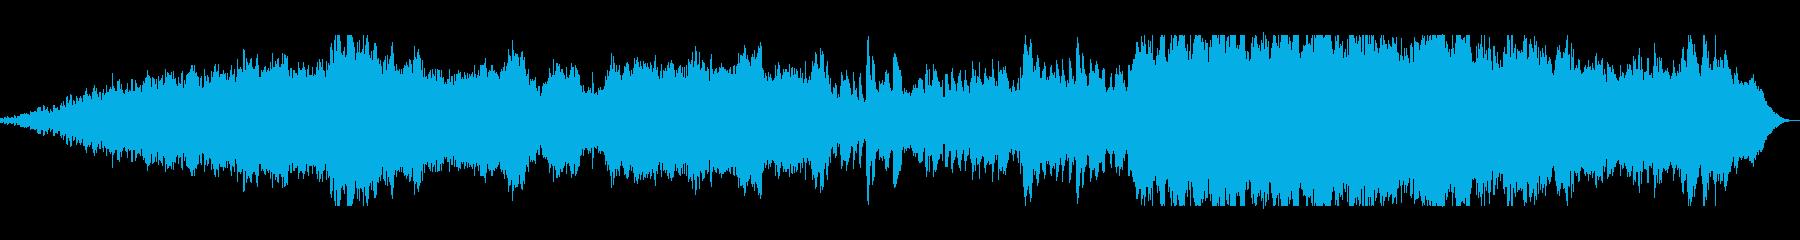 神秘的で美しいシンセ管楽器サウンドの再生済みの波形